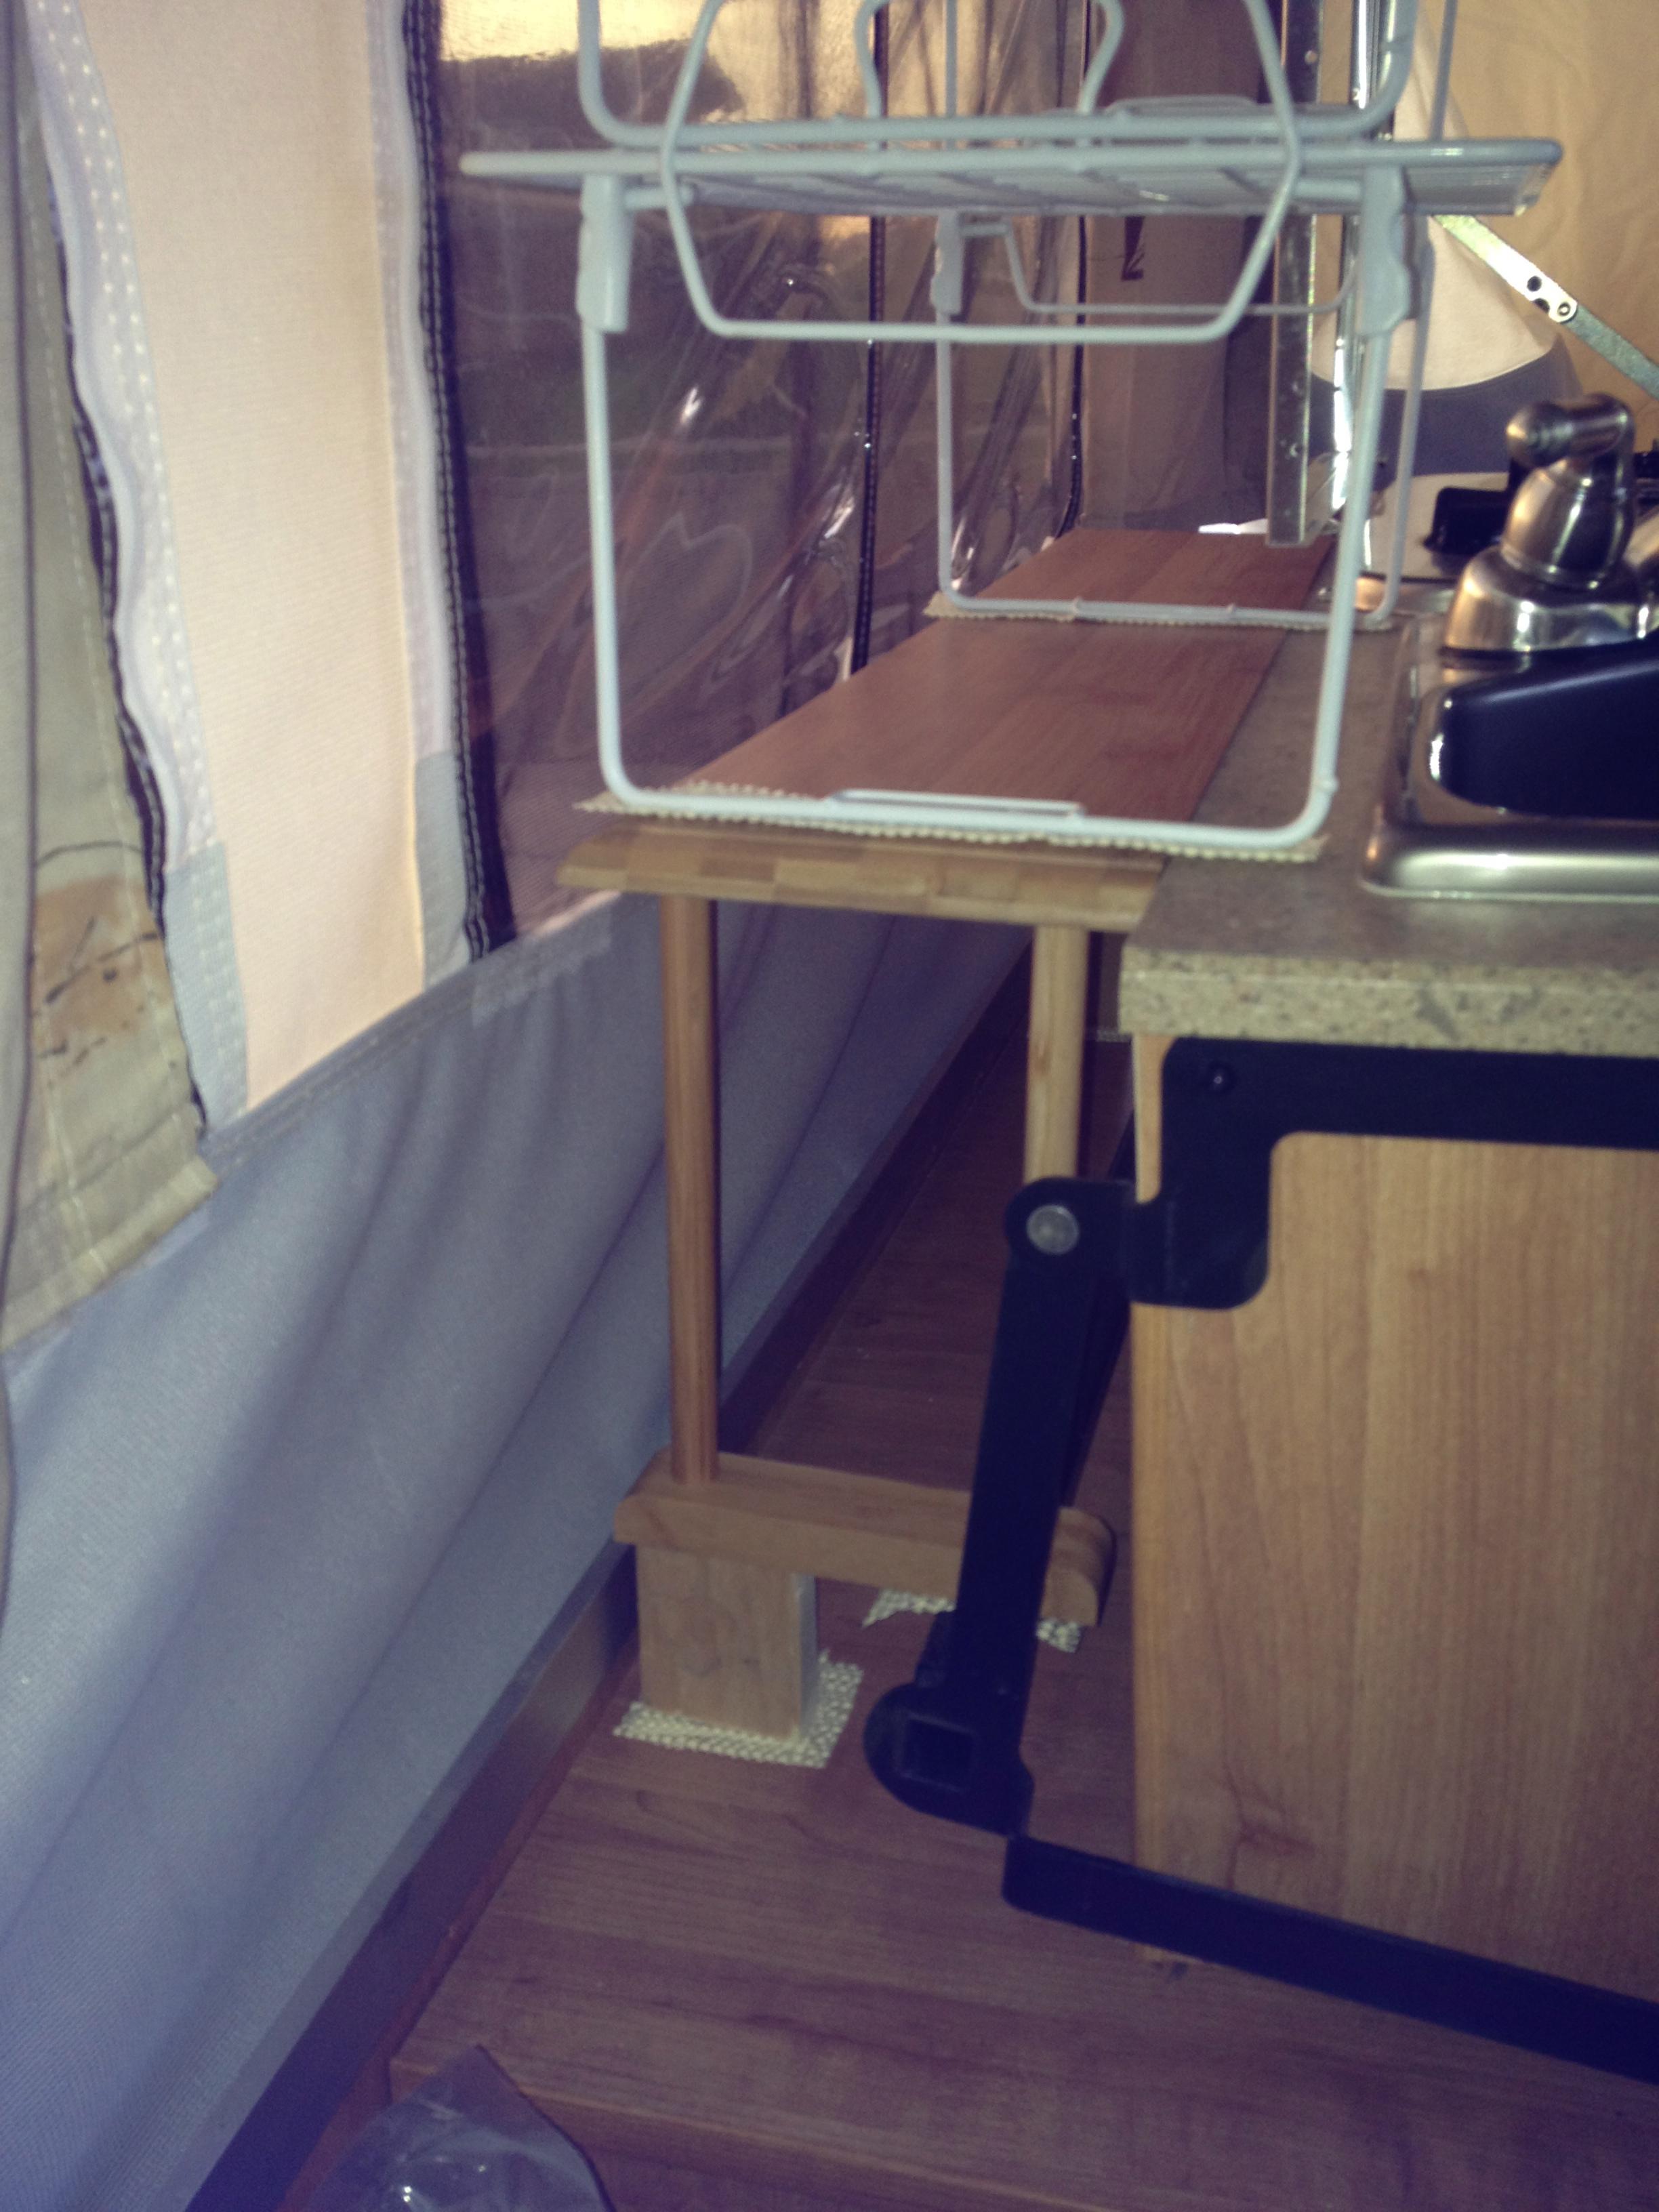 My Pop Up Camper Storage Ideas Shelves To Go Lannef72